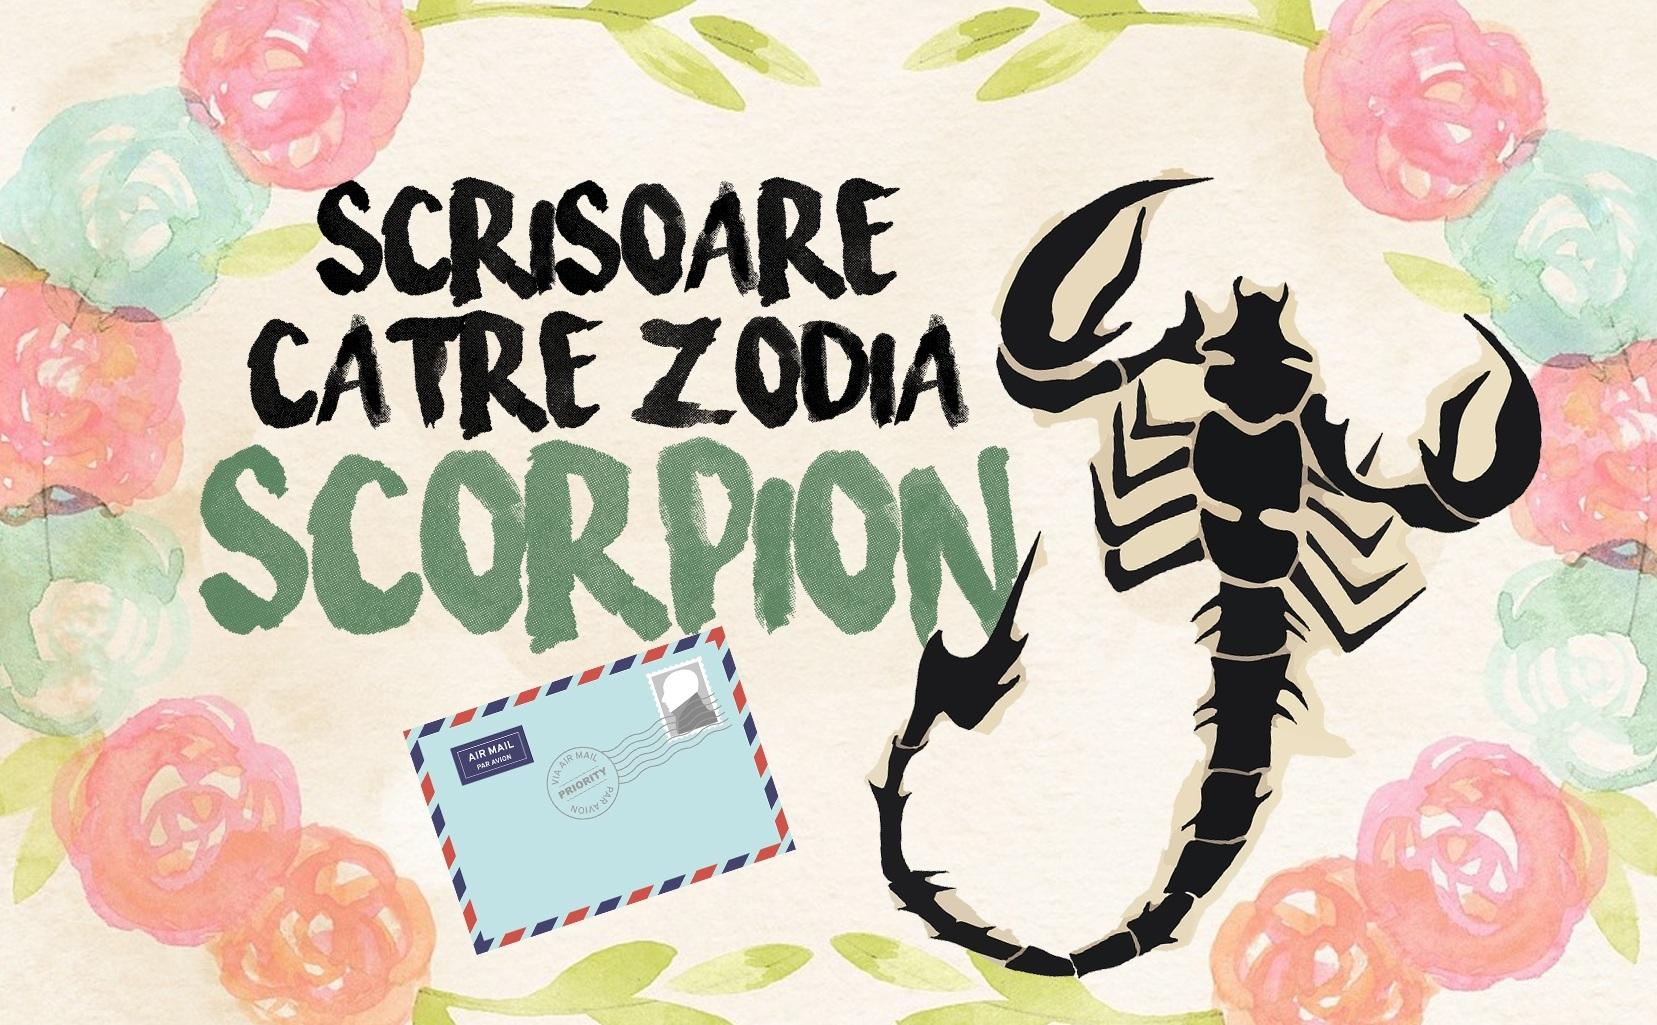 Scrisoare către un Scorpion. TREBUIE citită NEAPĂRAT!